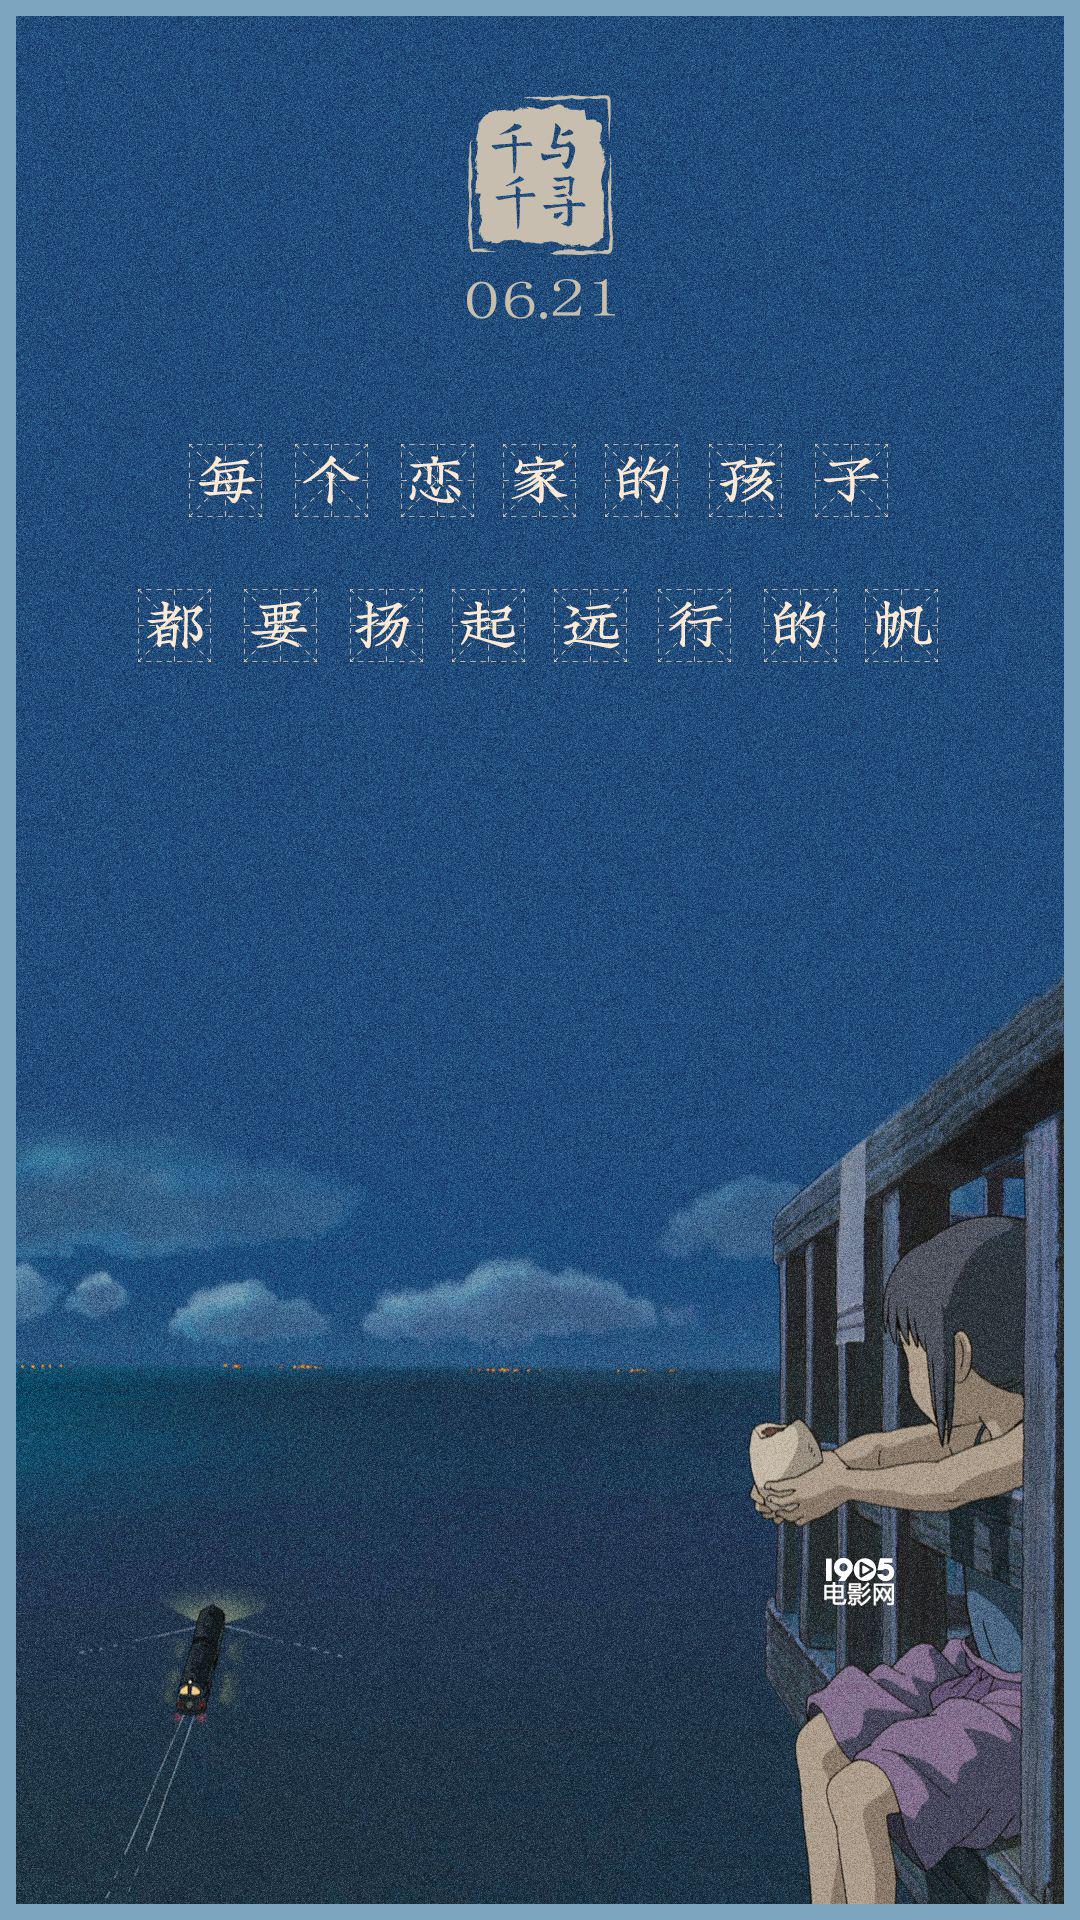 周深翻唱《千与千寻》主题曲唱哭网友   显示 歌曲《亲爱的旅人啊》